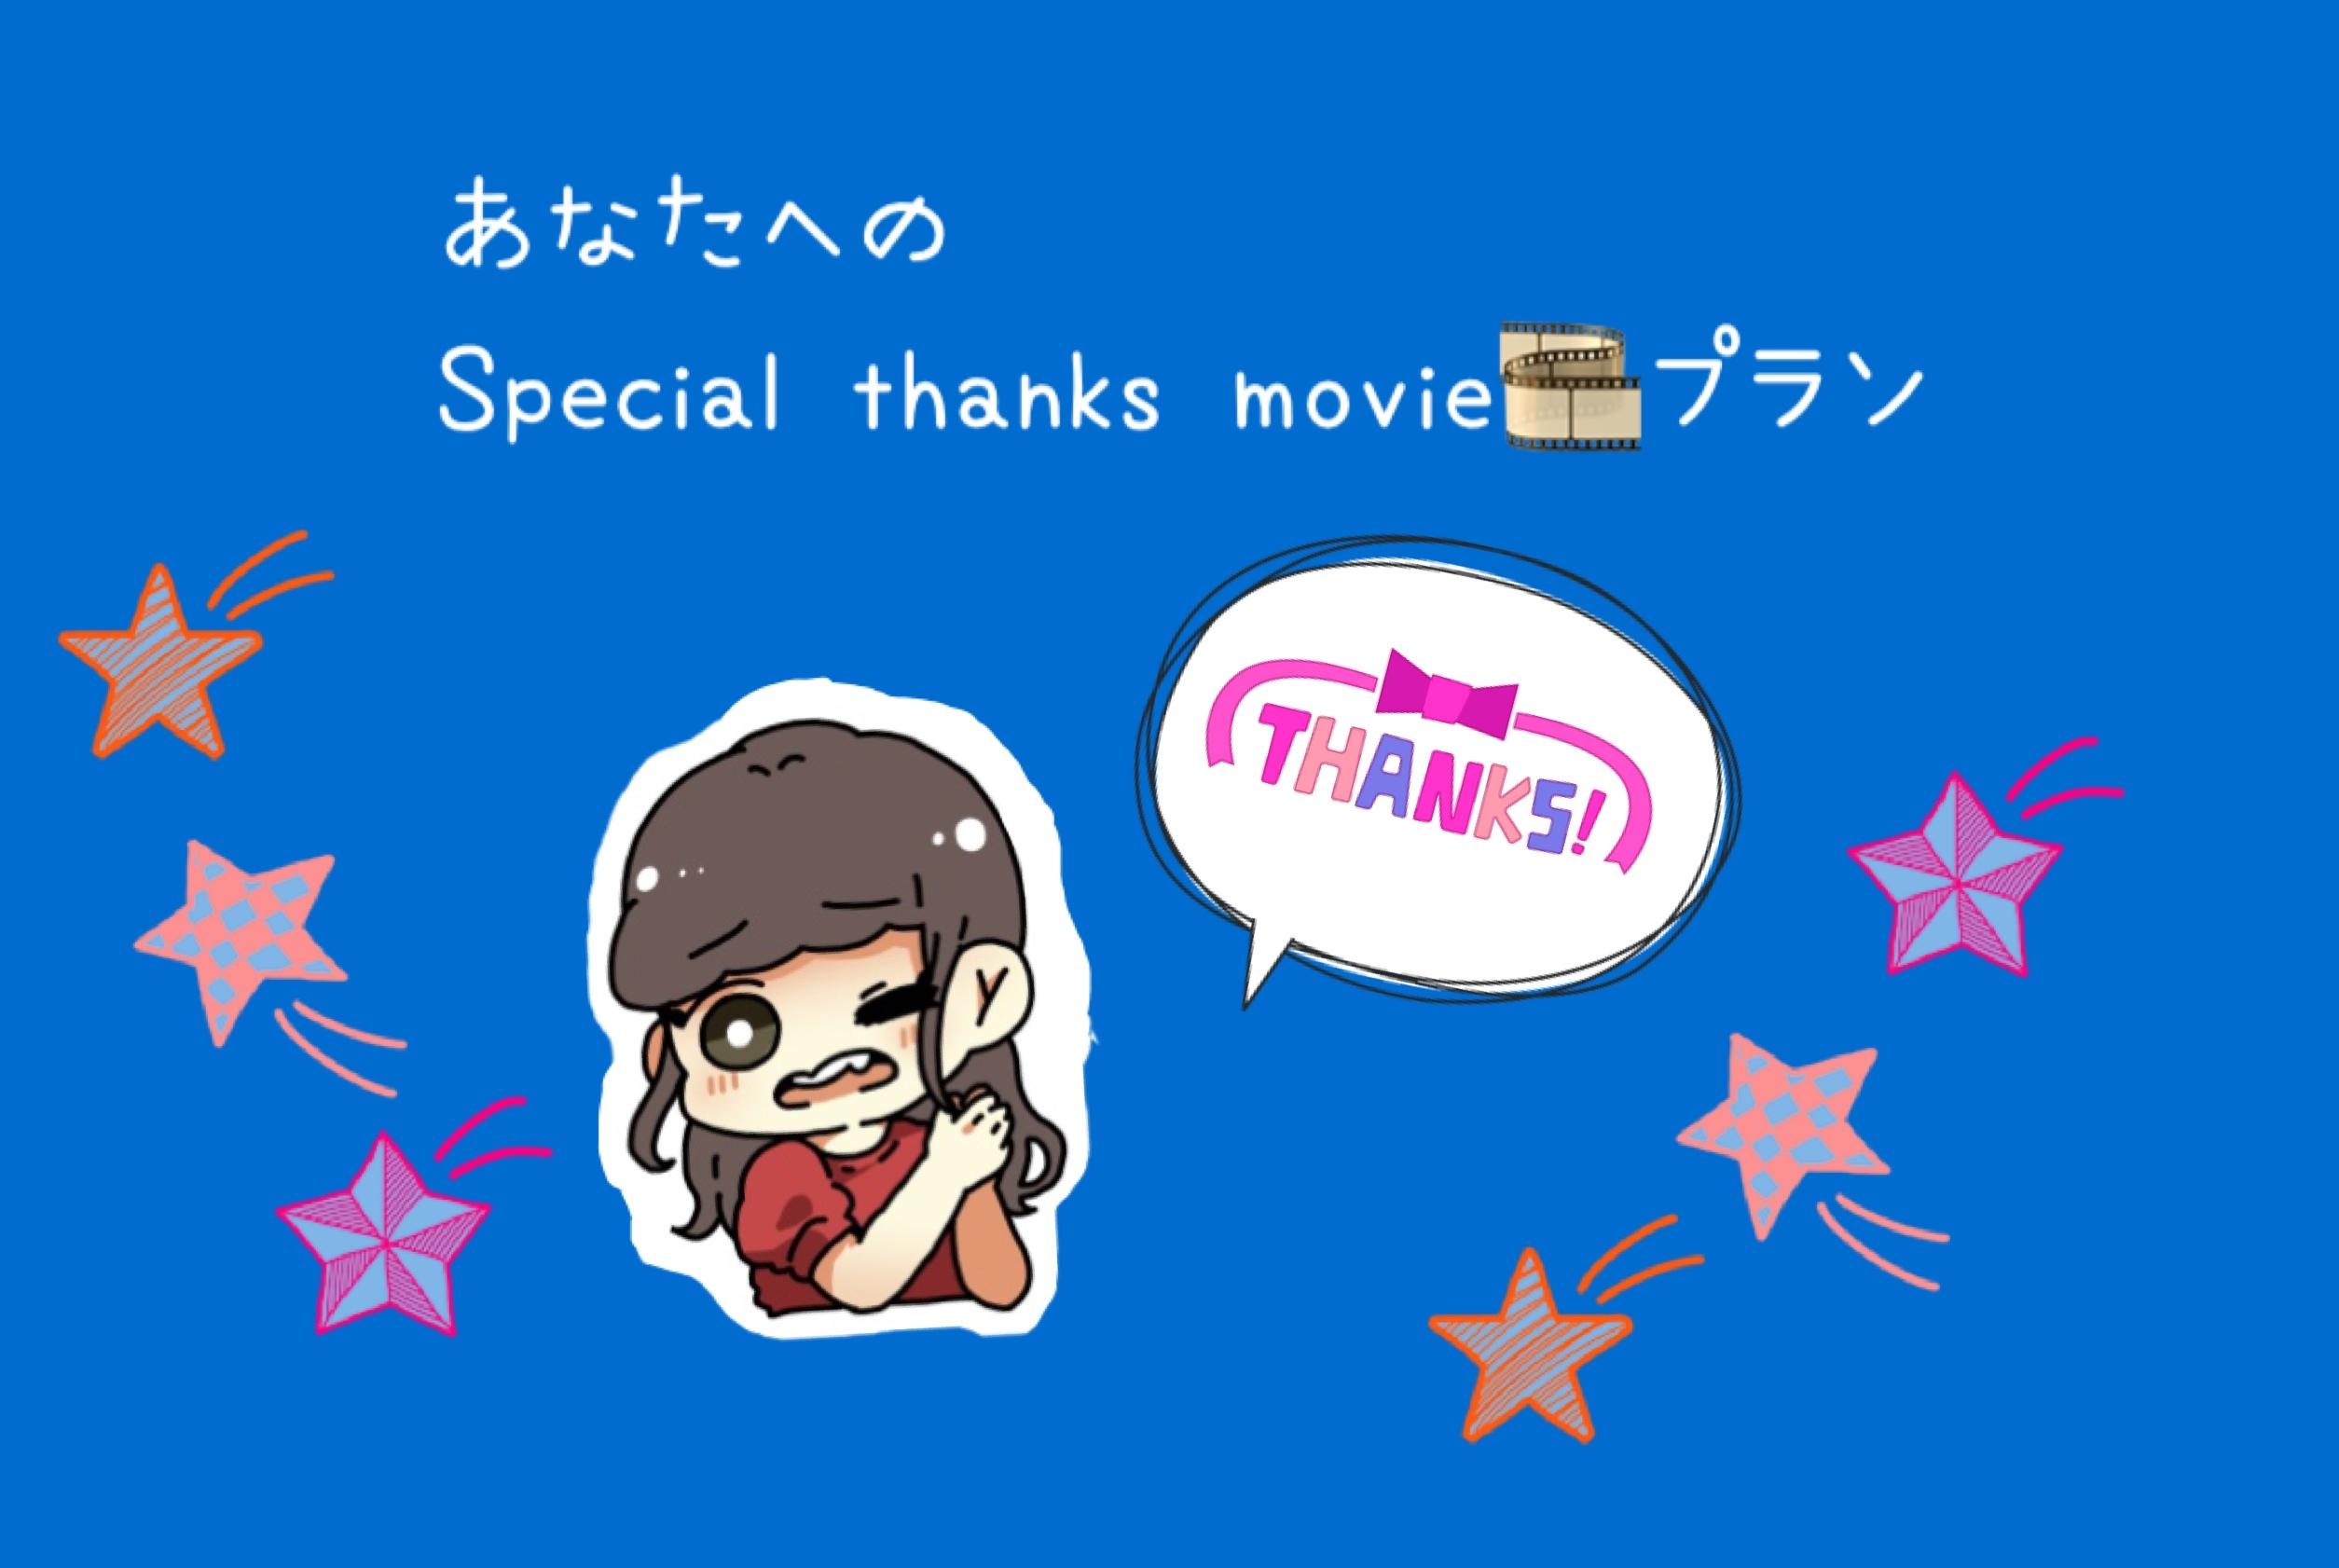 <あなたへのspecial thanks movie プラン>